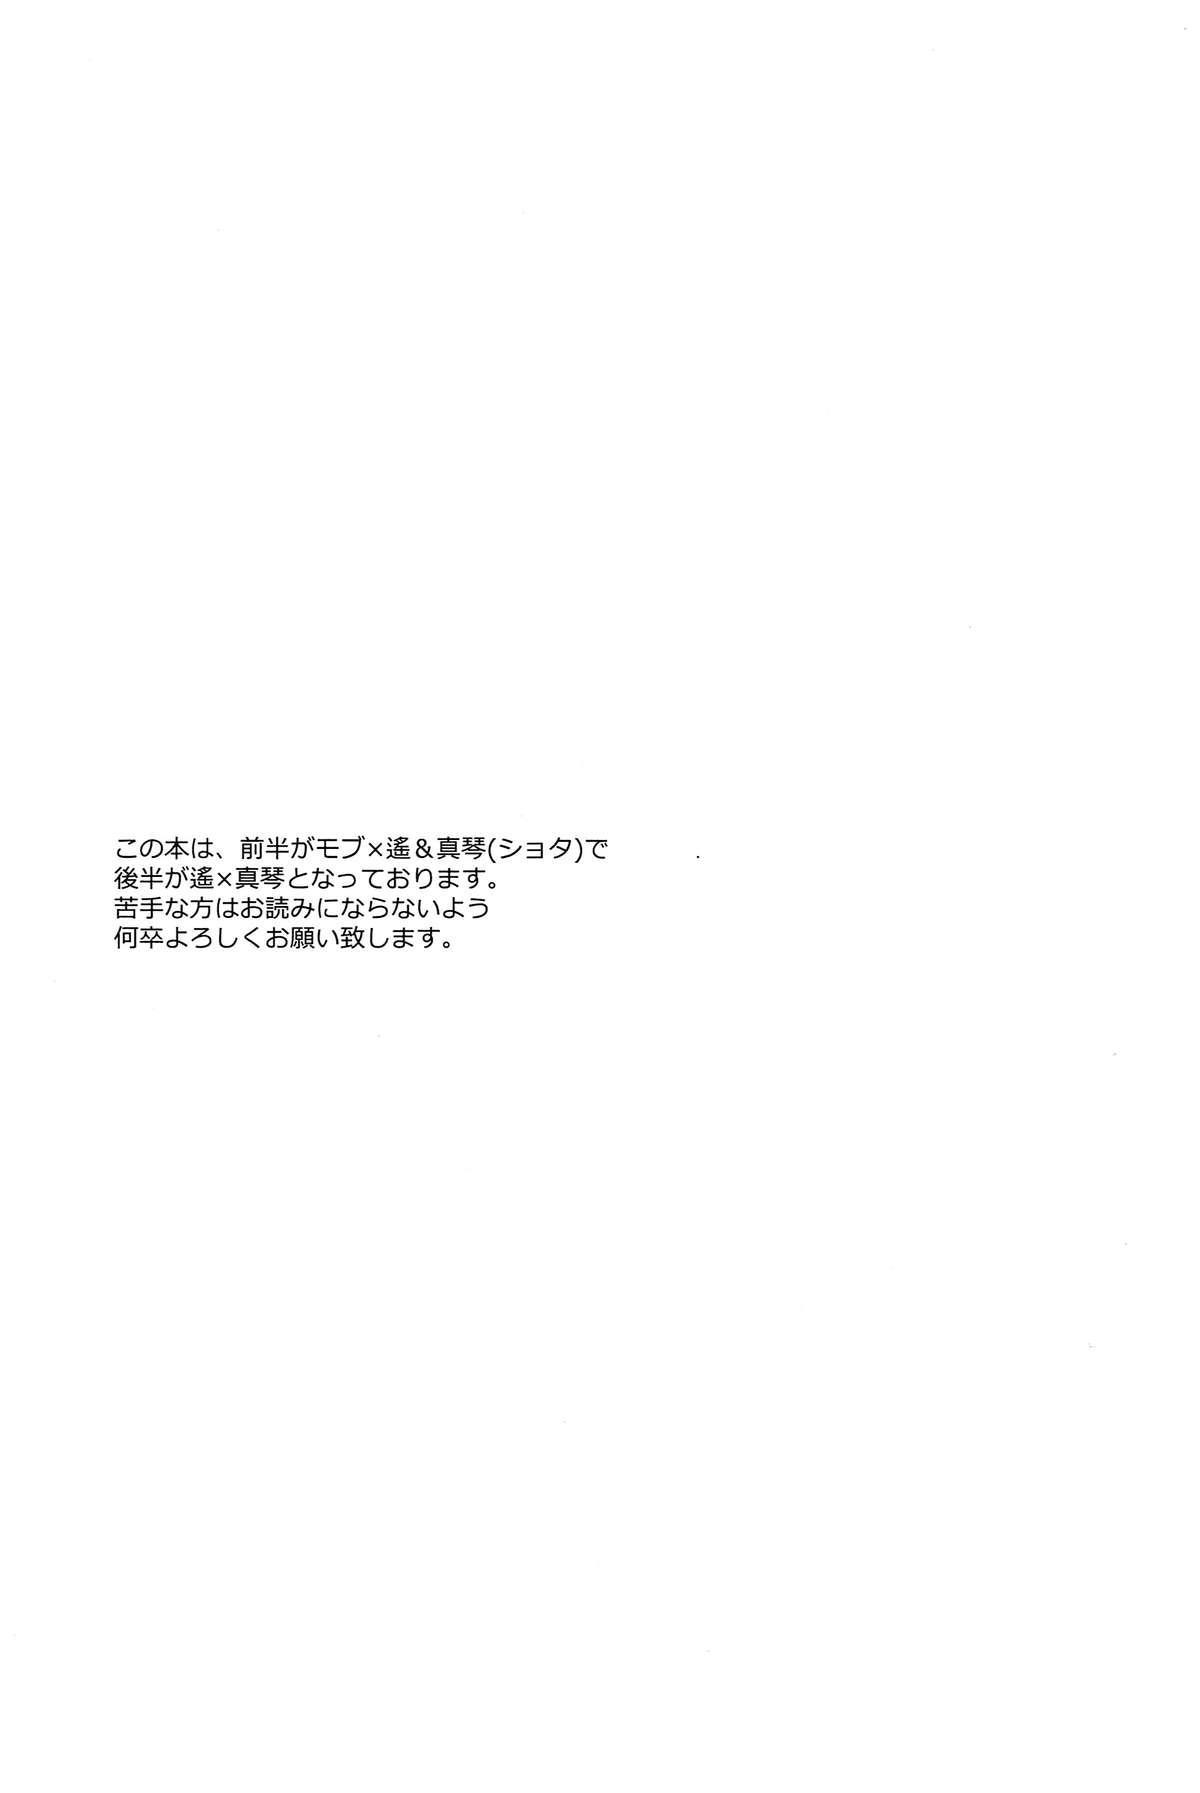 Gochuumon wa ○○○ desu ka? 3